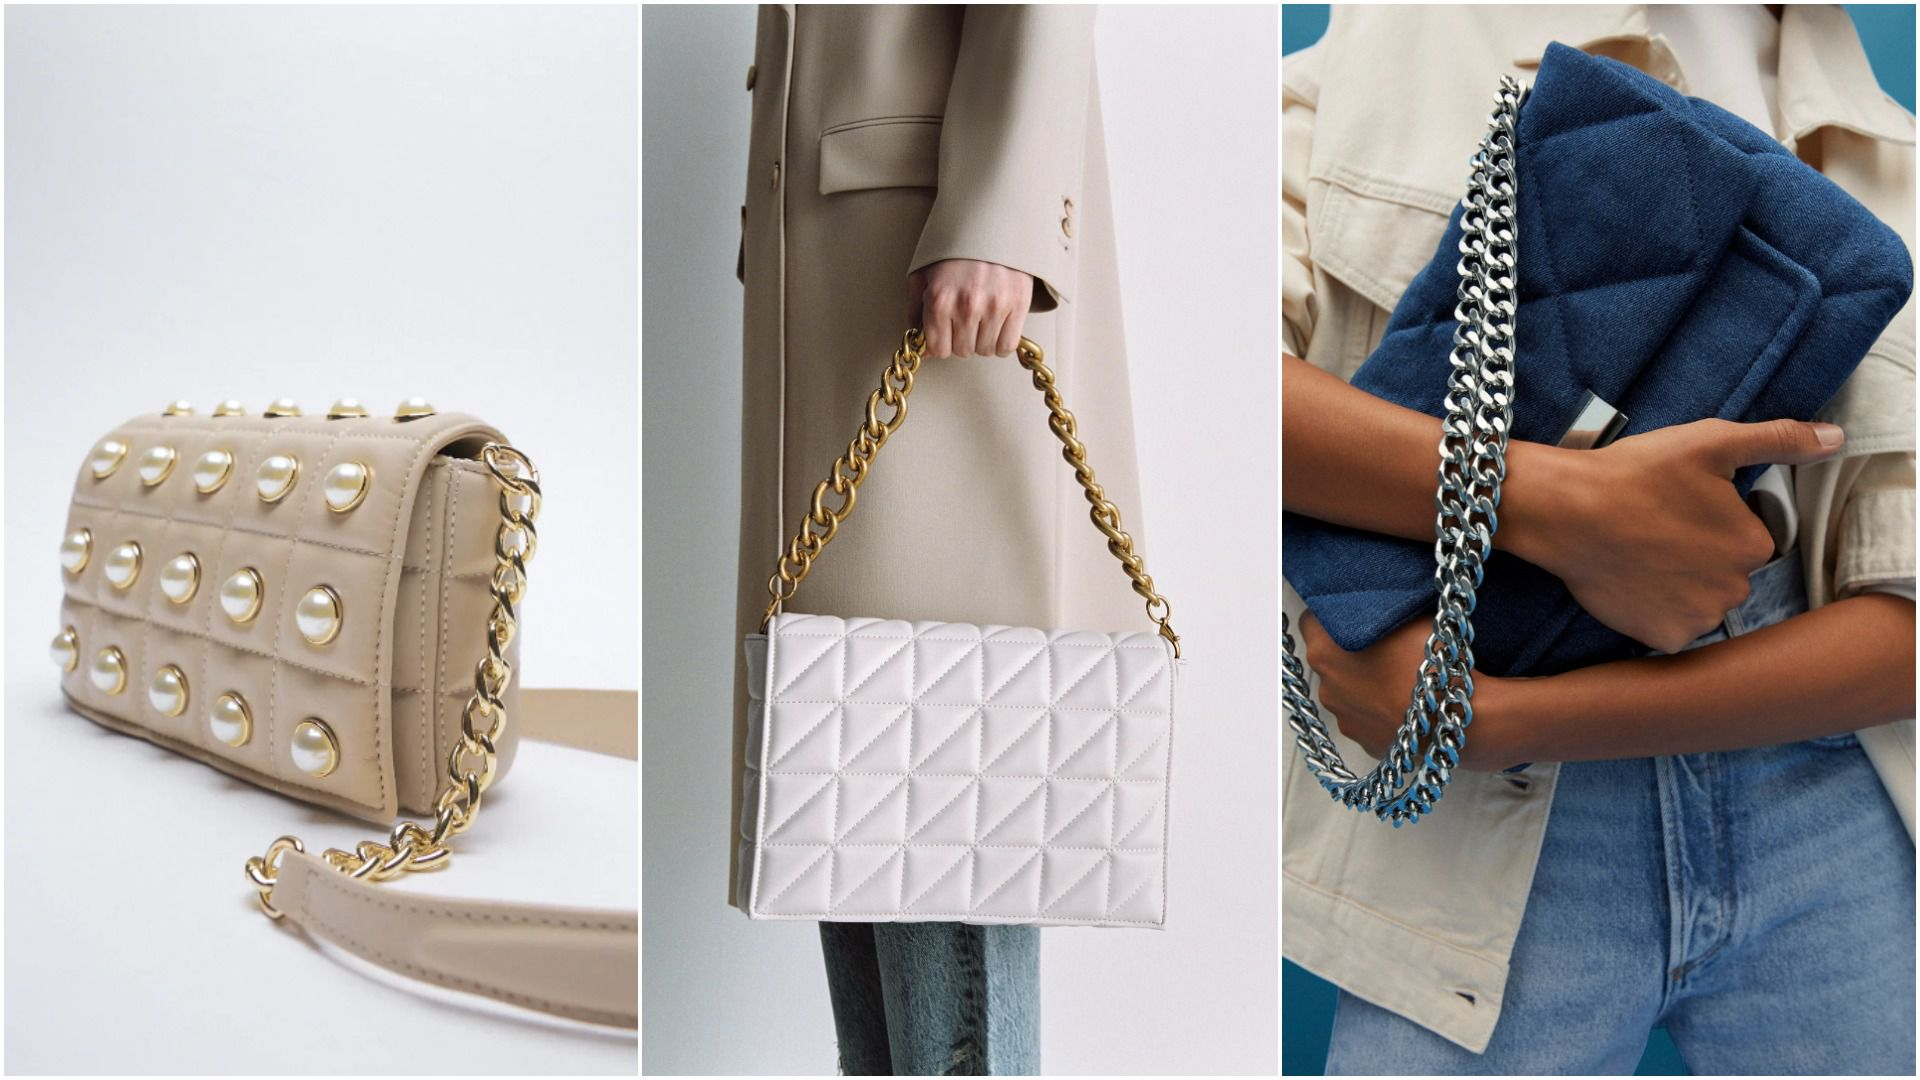 Prošivene torbe i dalje su jako trendi: Pronađite model za sebe, neki su i na sniženju